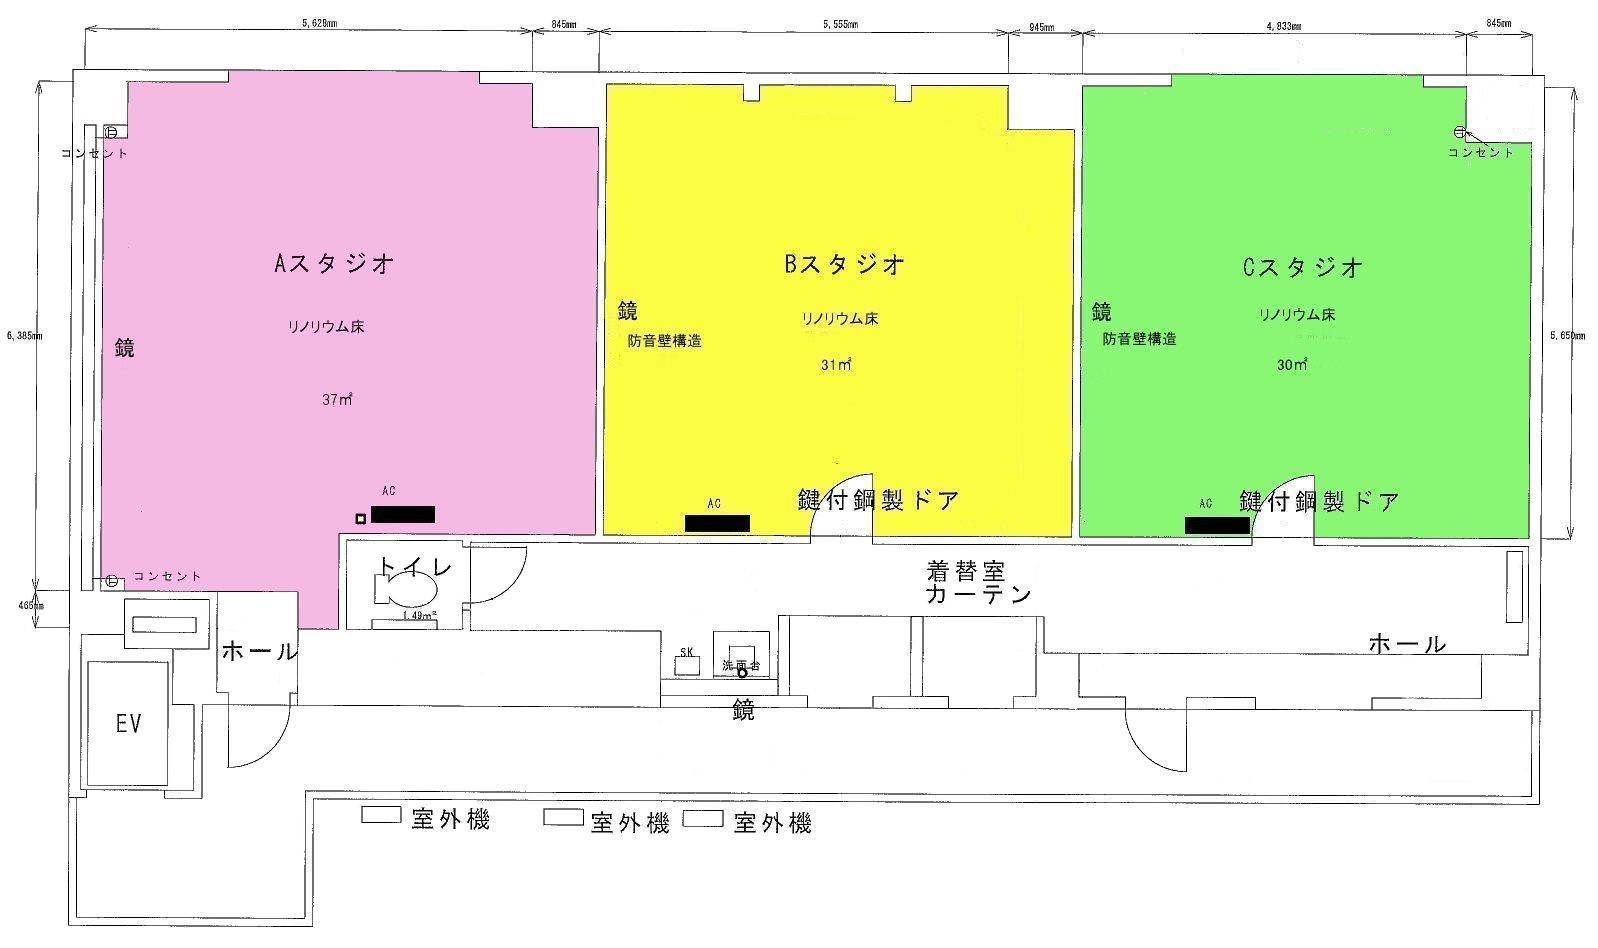 笹塚レンタルスタジオの概要